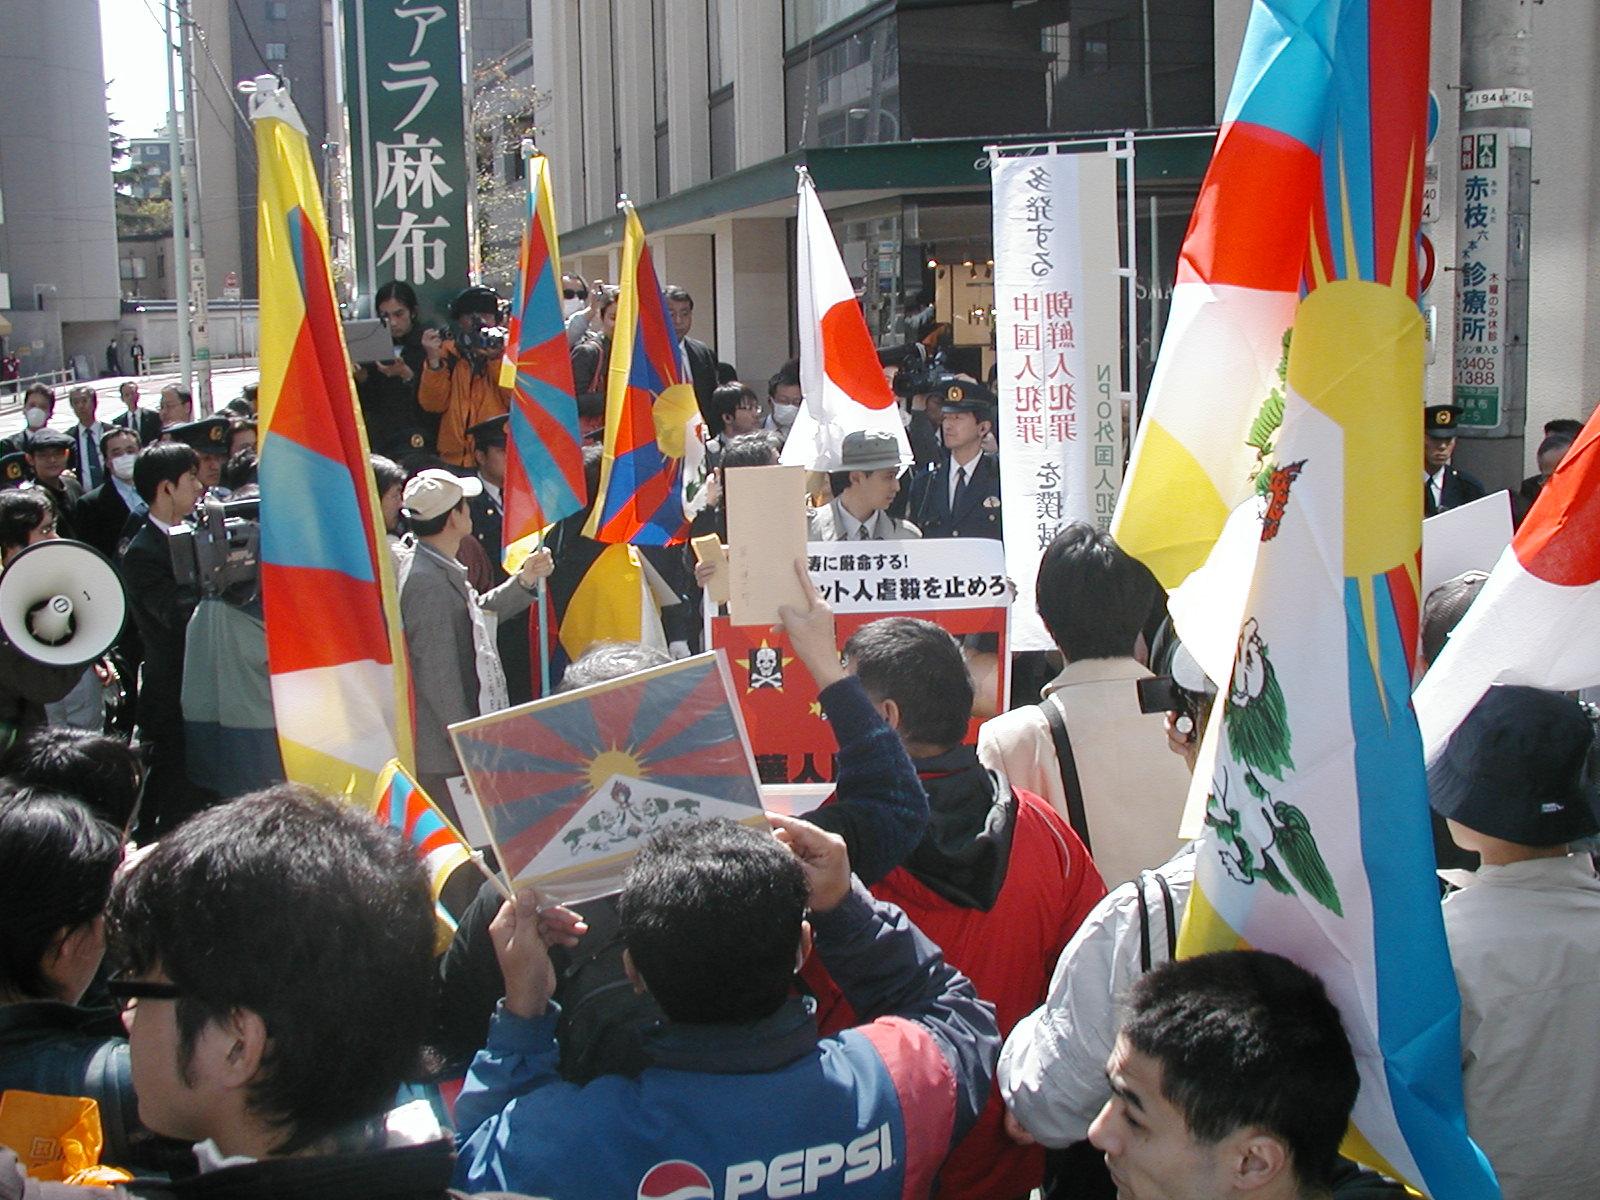 2008年3月22日「チベット弾圧反対集会とデモ行進」